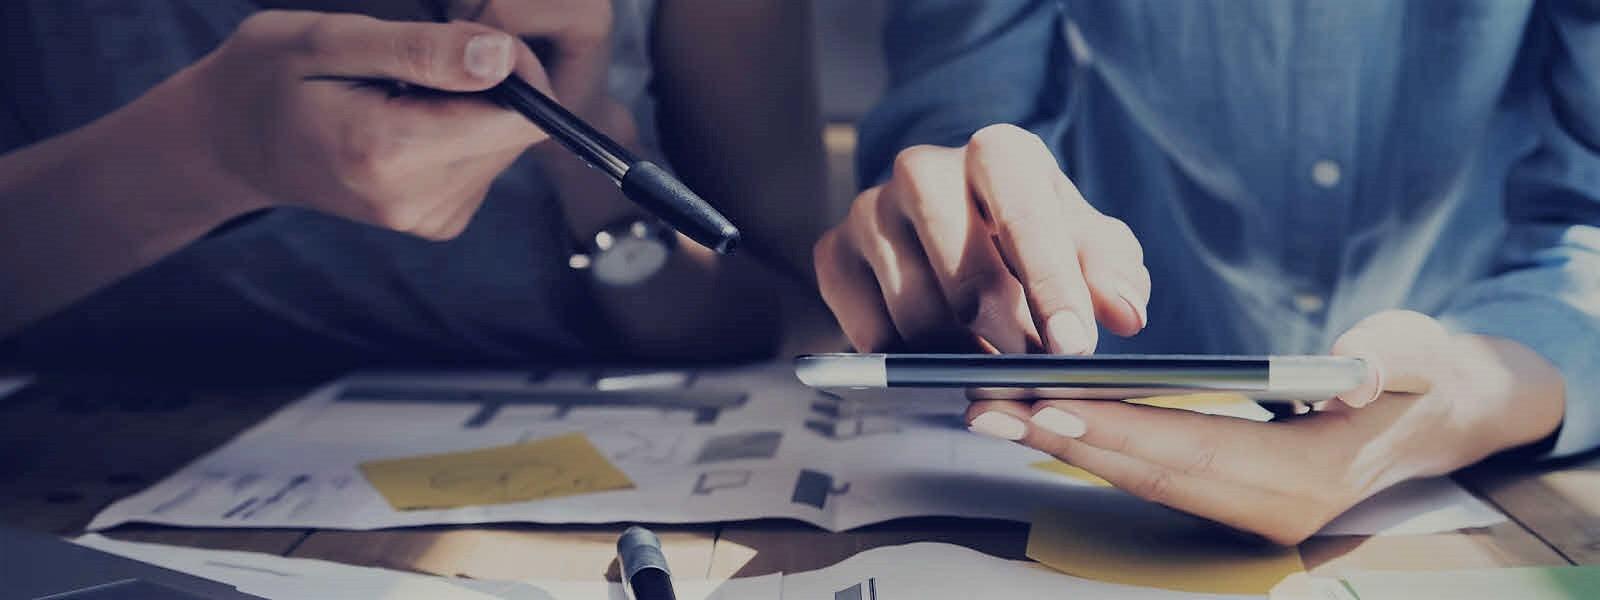 Design a Partner Deal Registration Program your Competitors Hate